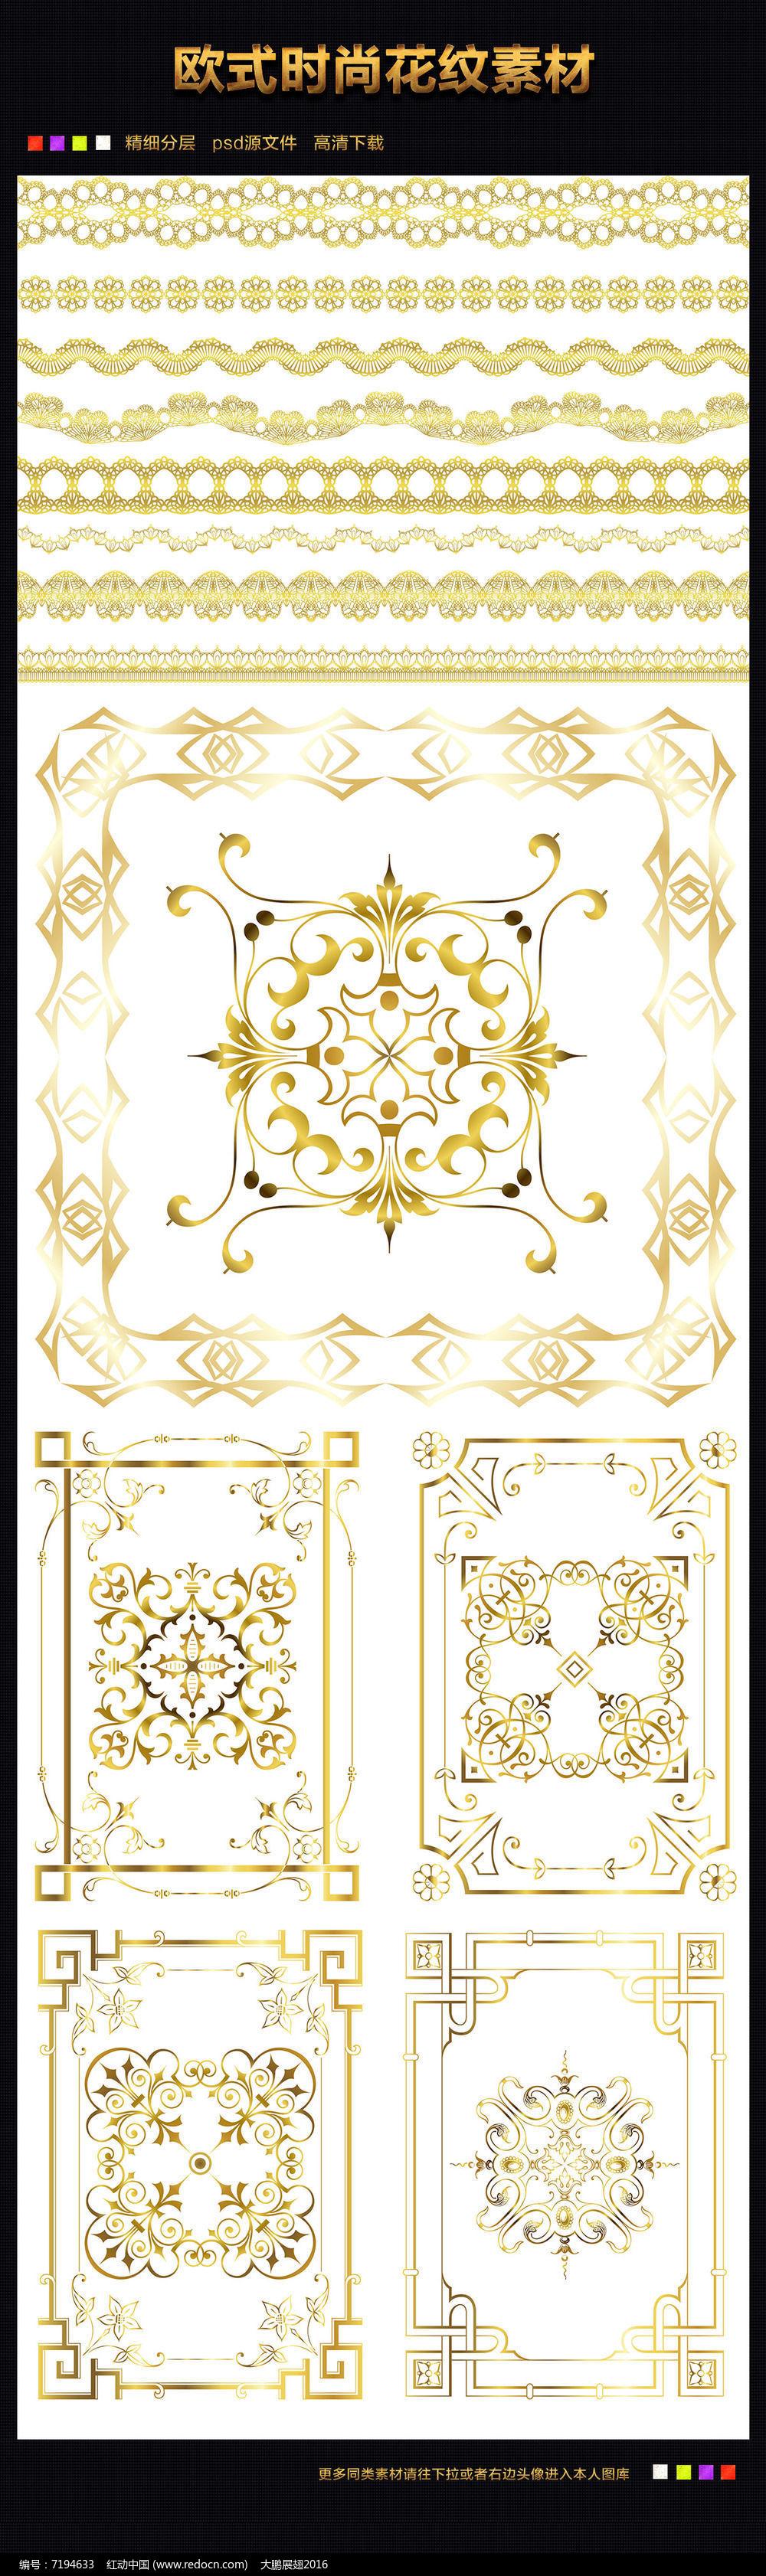 欧式古典花边边框素材下载